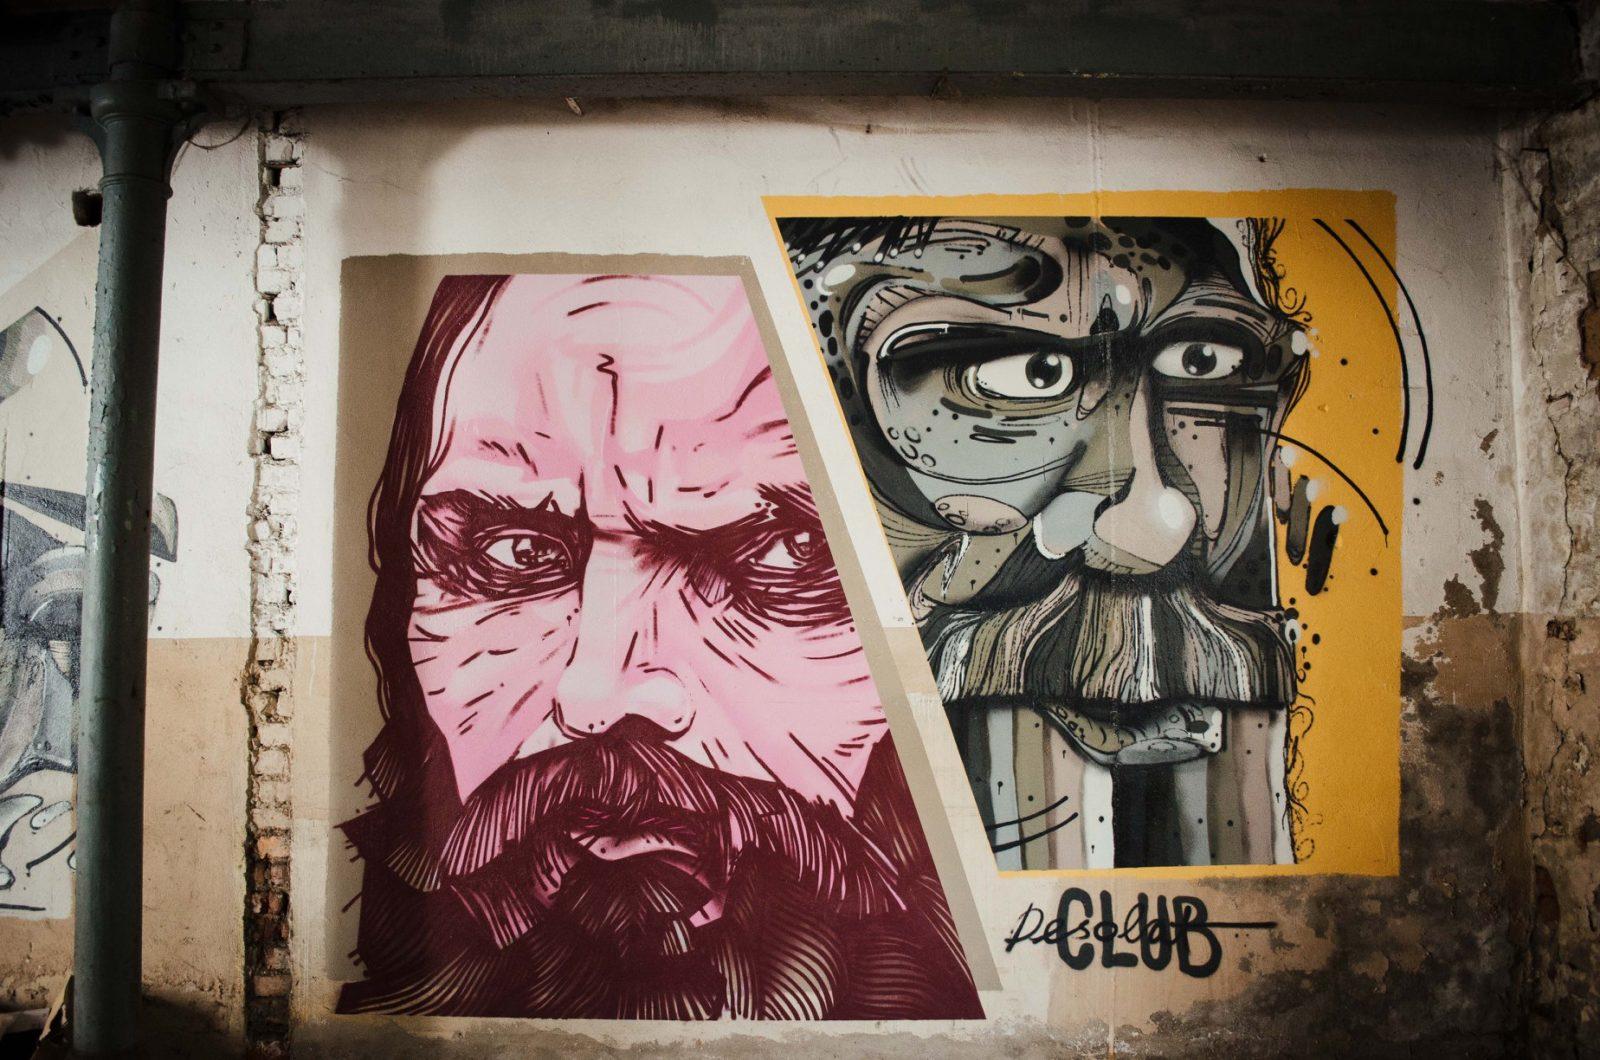 iBUG street art festival allemagne urbex friche abandonnee Club Desolat copyright Loquita Pictures - Où partir cet été ? À la découverte des meilleurs festivals de street art en Europe